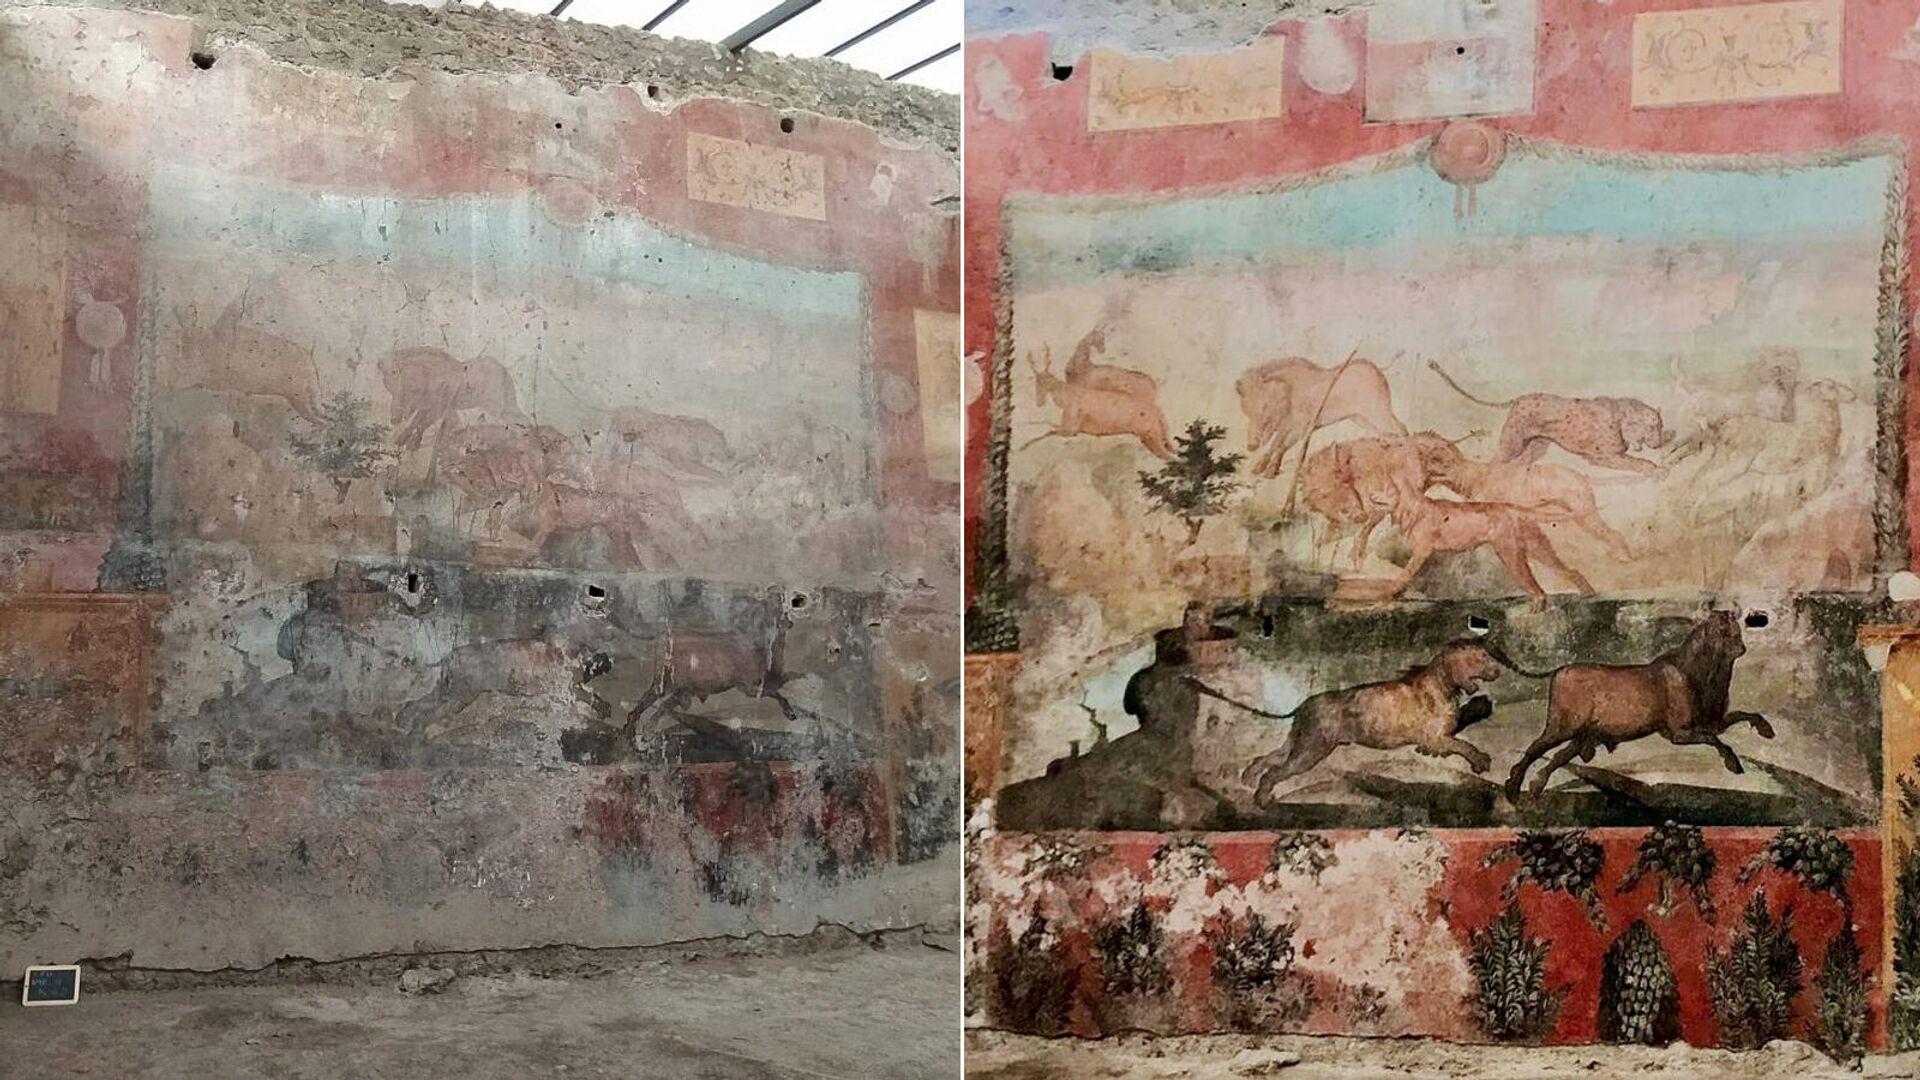 Большая фреска сада Дома Цеи в Помпеях до и после реставрации - РИА Новости, 1920, 01.03.2021